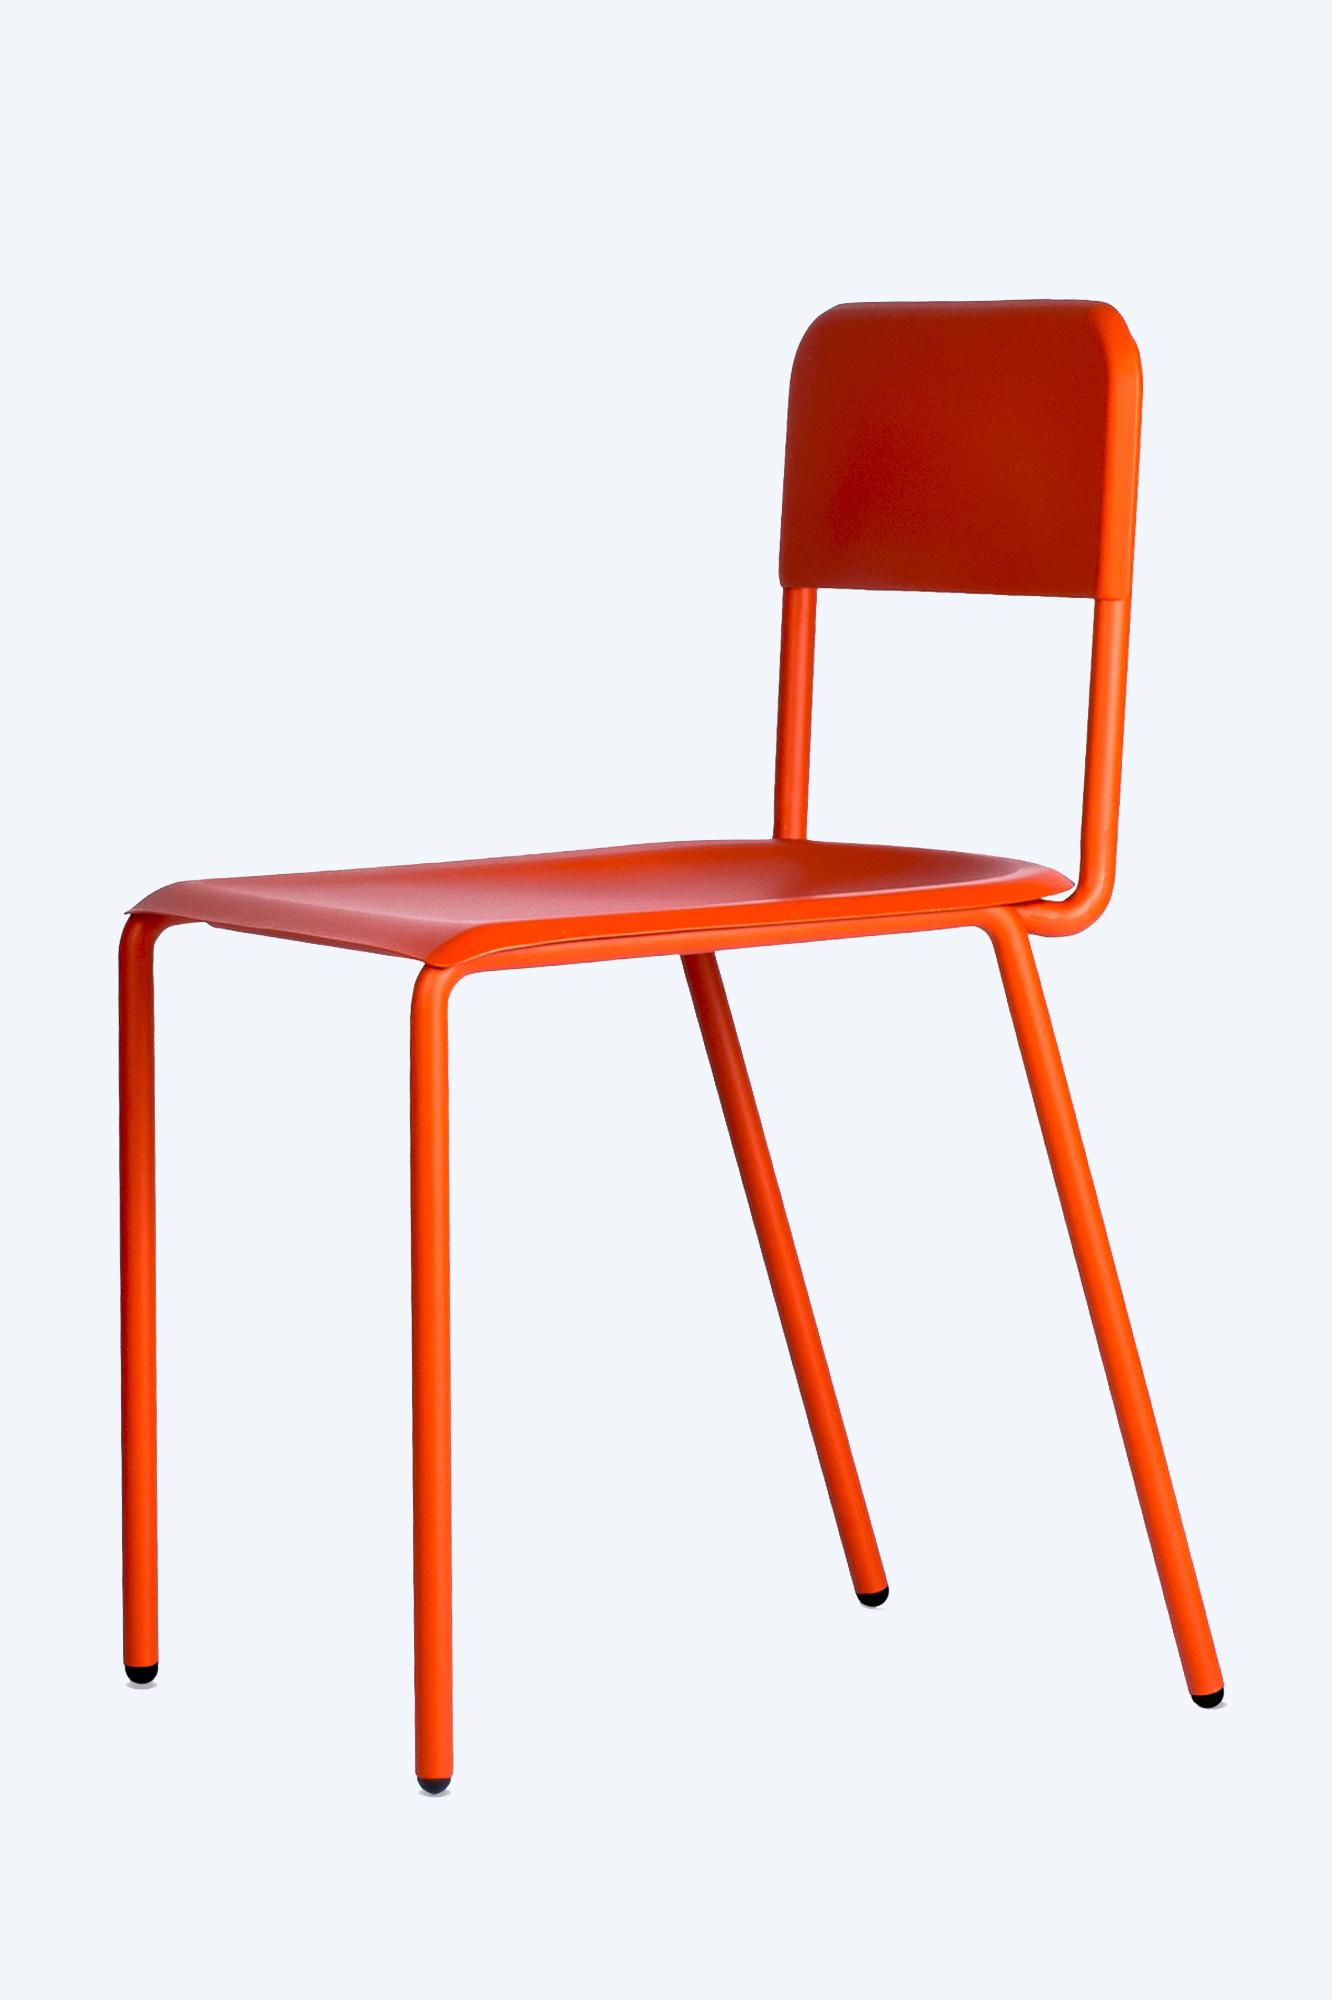 KOM Chair by Elem